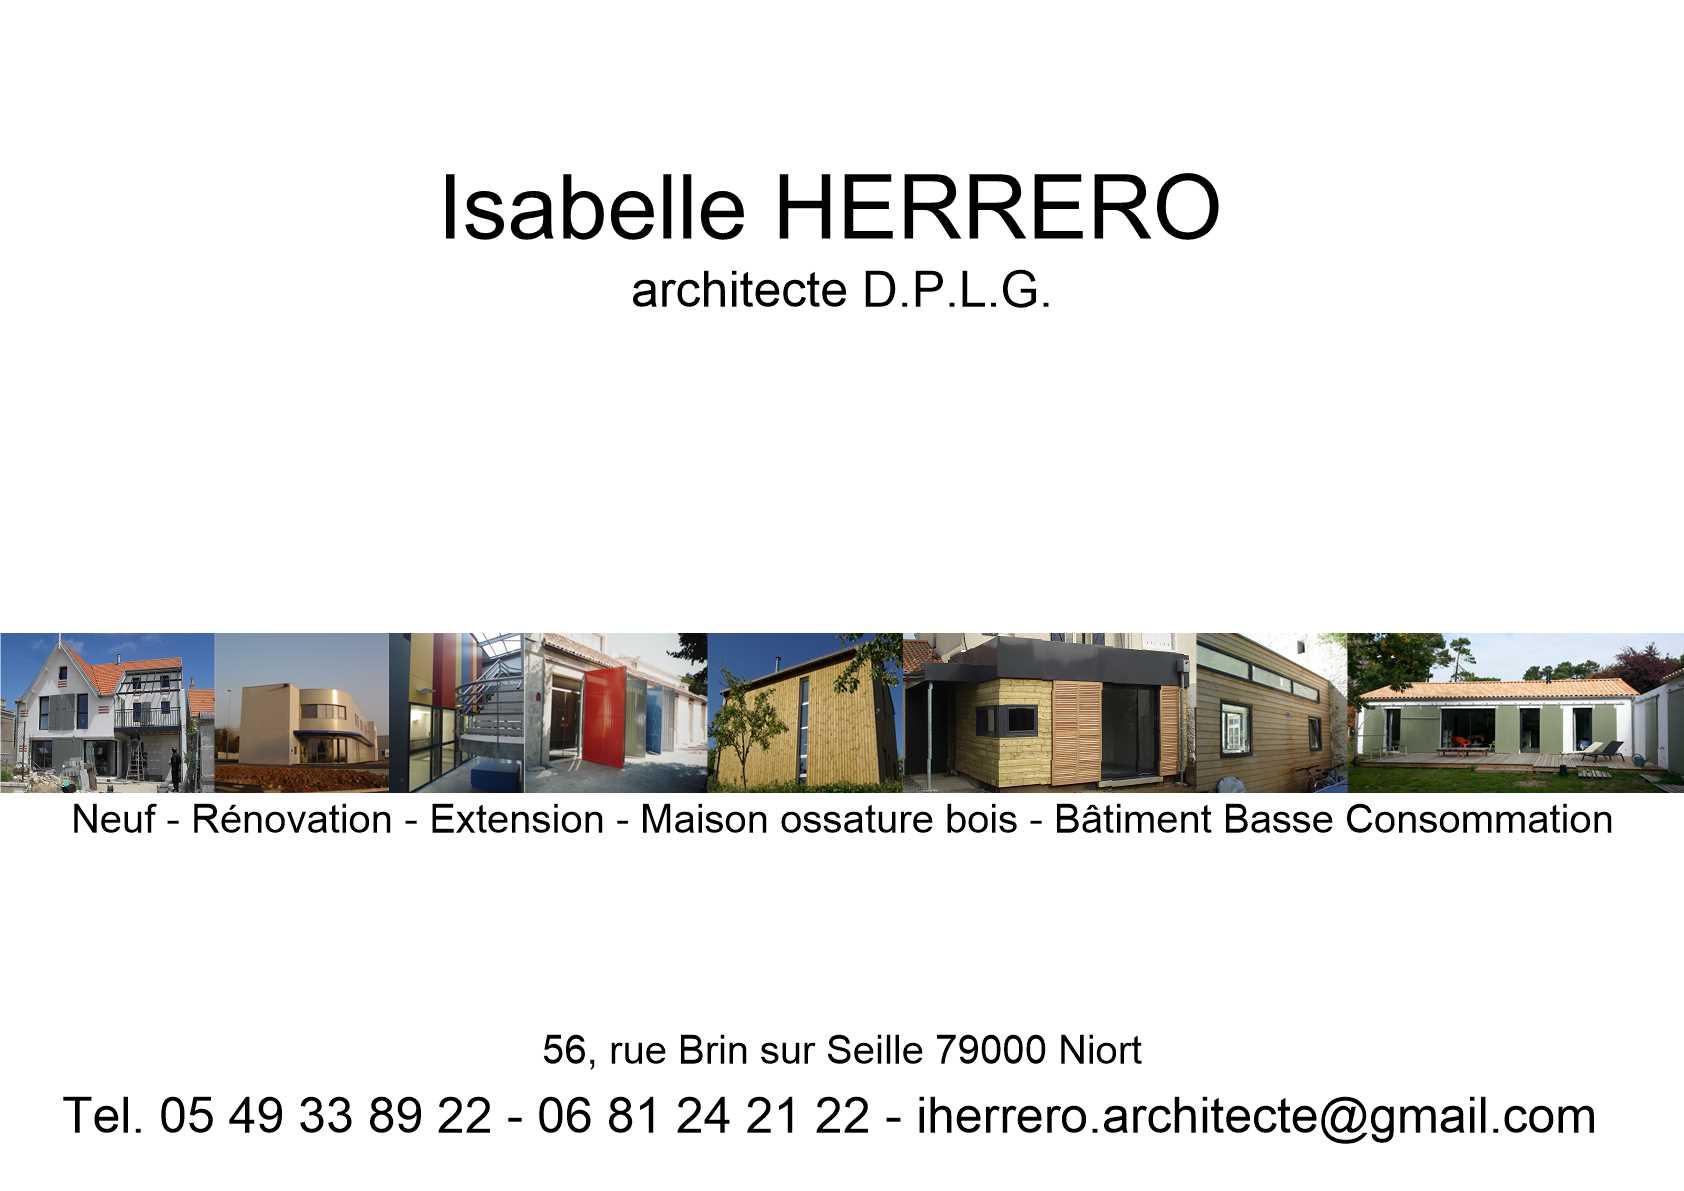 isabelle herrero ordre des architectes. Black Bedroom Furniture Sets. Home Design Ideas